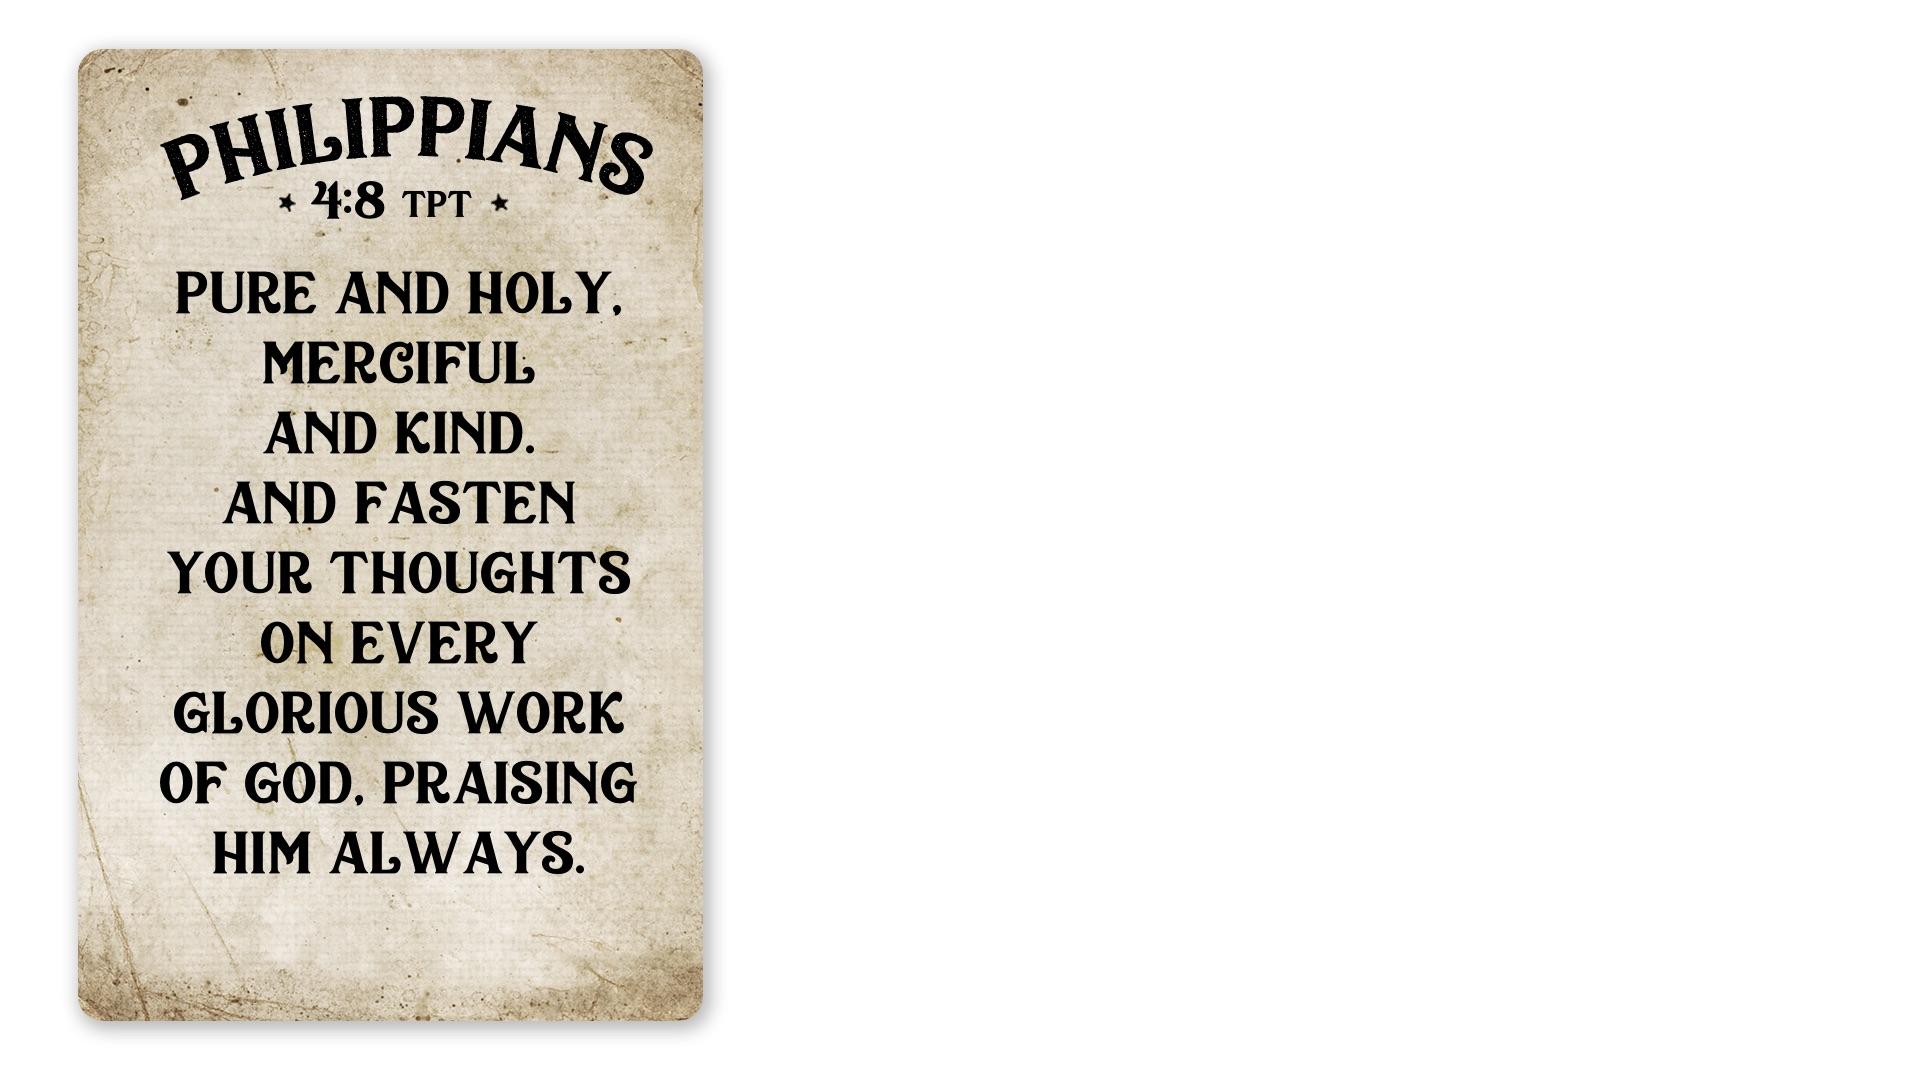 11 - Philippians 4:8 TPT B (PNG)